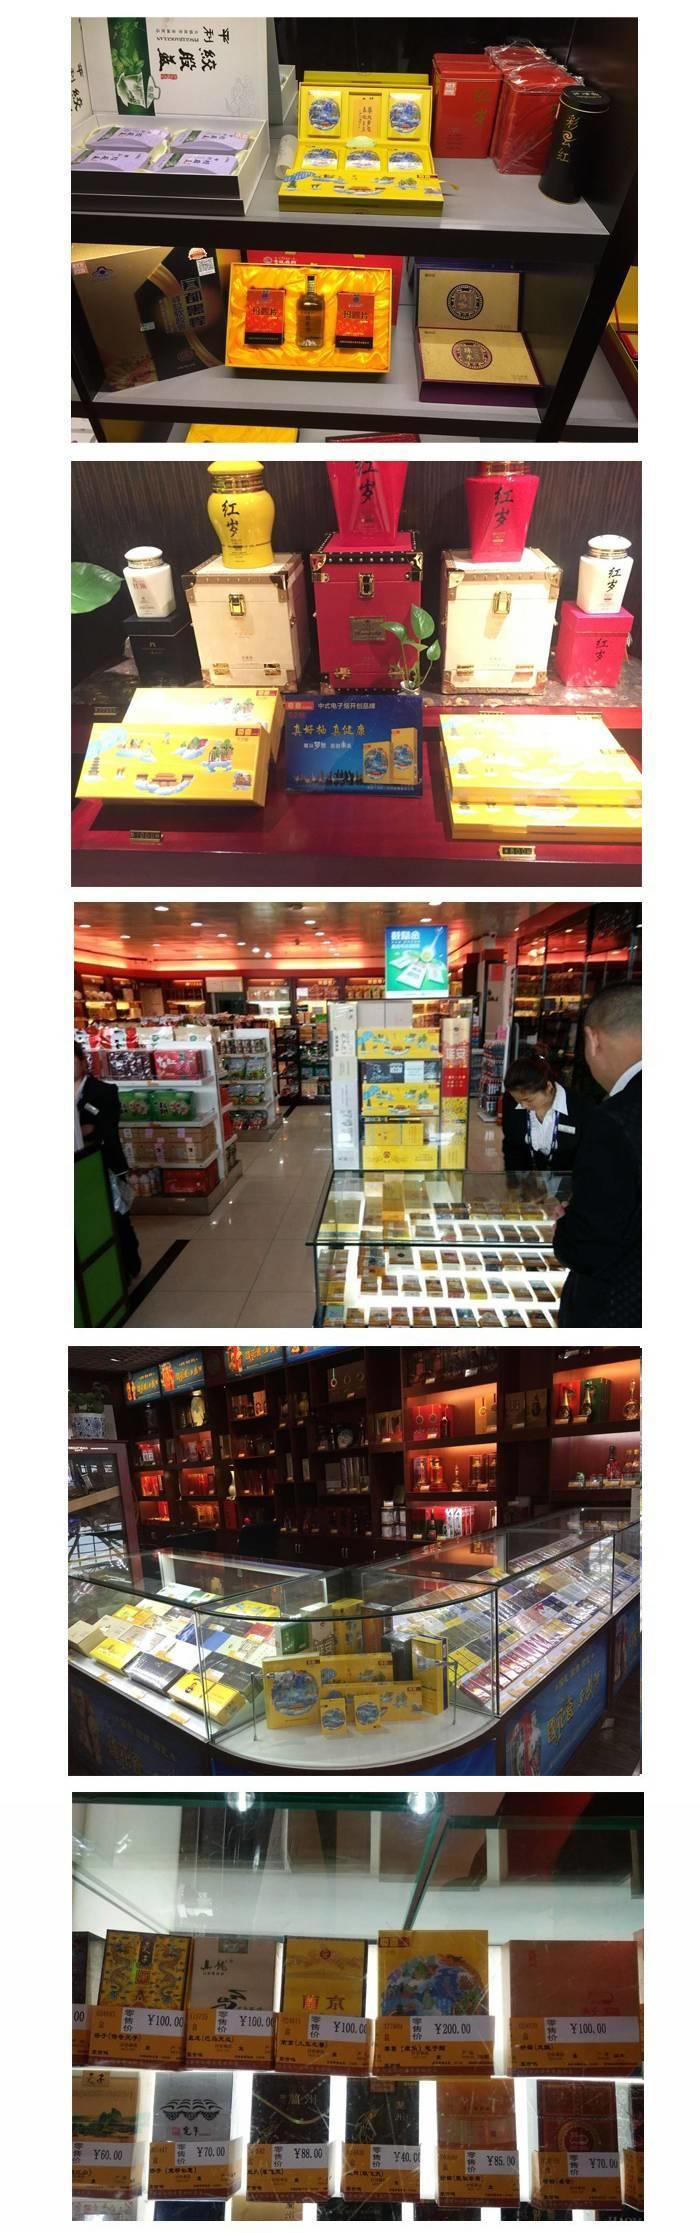 尊喜电子烟引领高端烟酒类礼品消费,销售火爆,供不应求